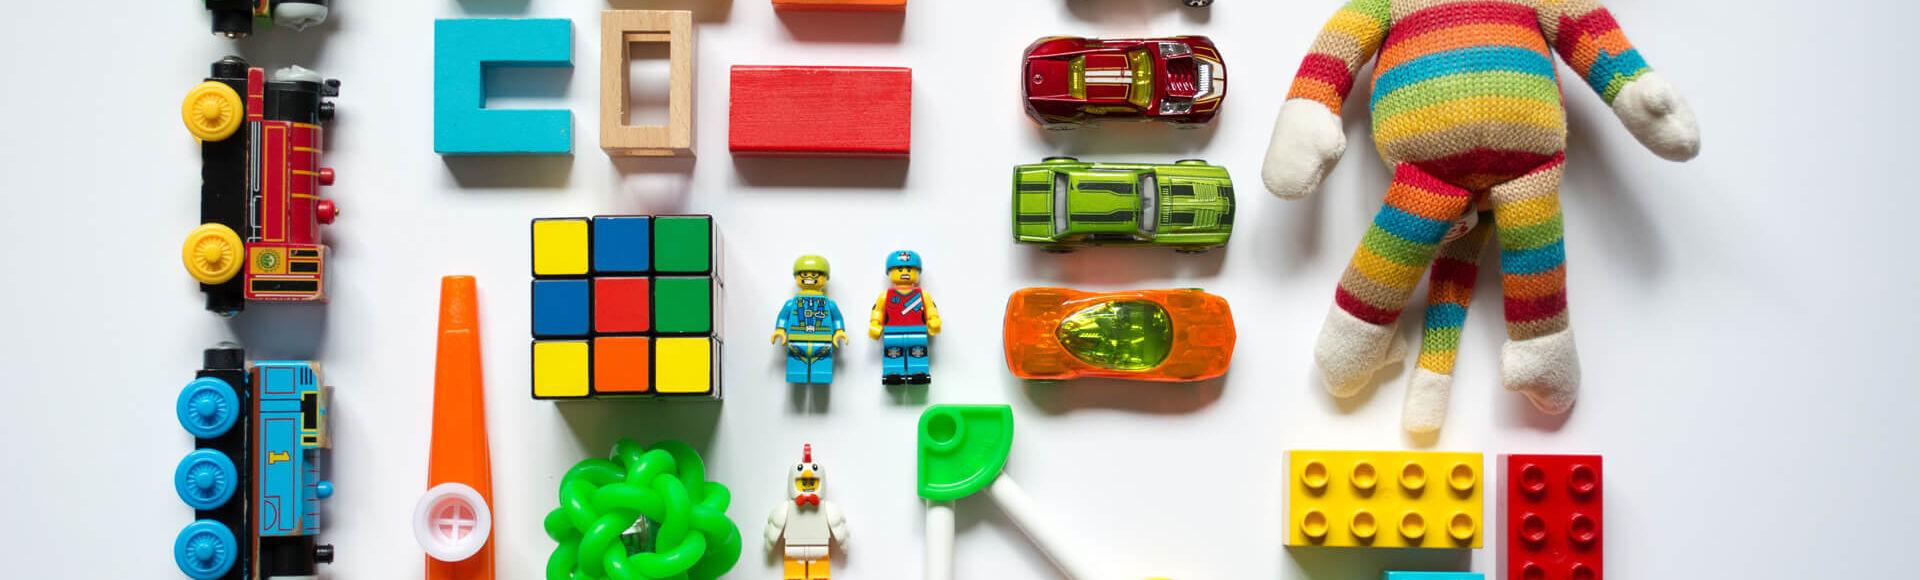 Brinquedos adequados nos primeiros meses